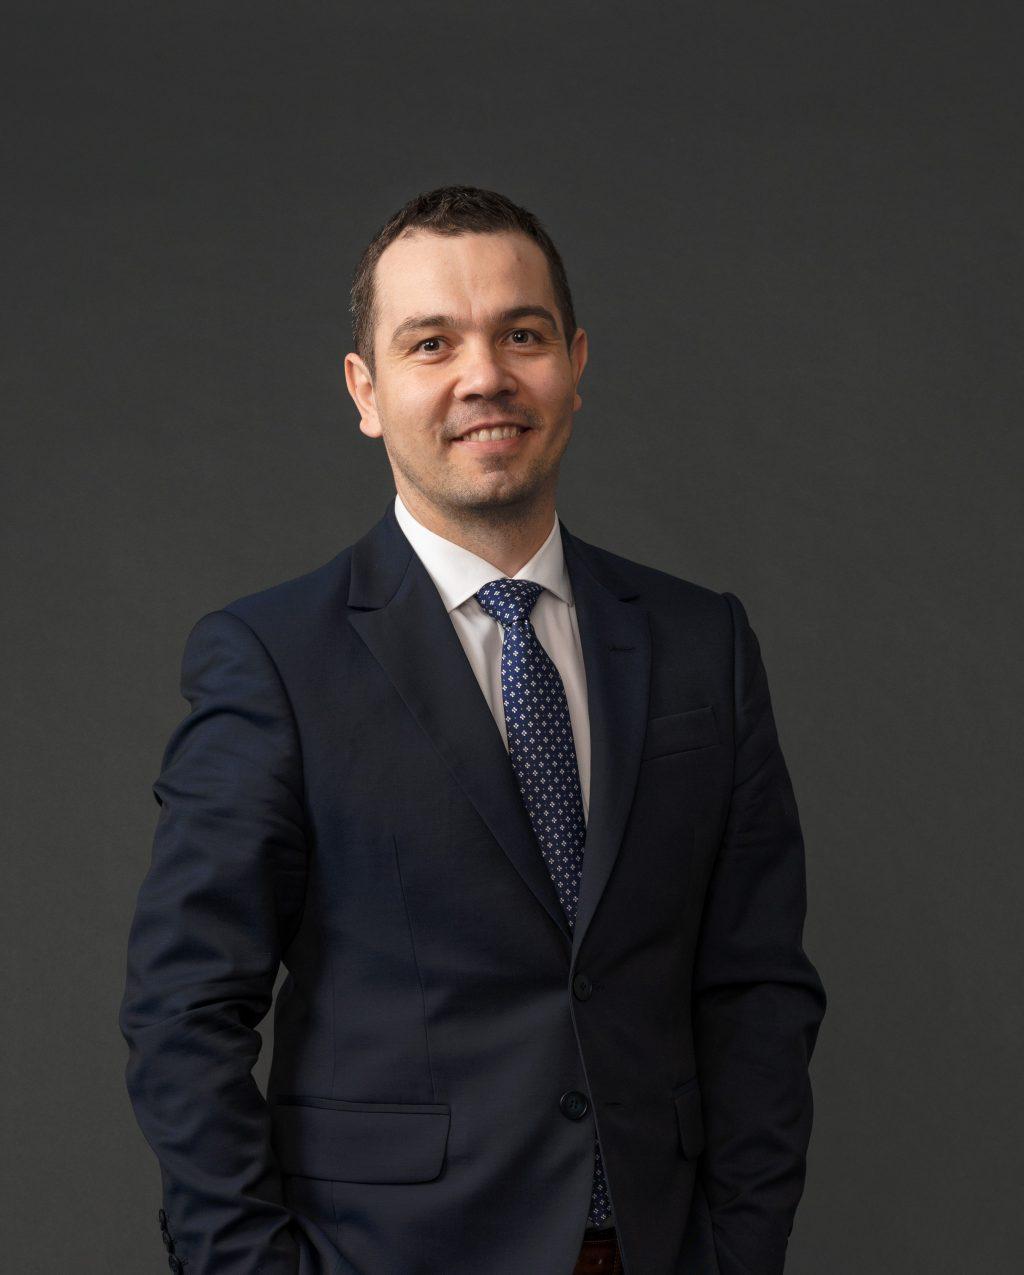 """Aurel Podariu, CITR: """"Finanțarea în insolvență este soluția pentru salvarea companiilor cu probleme financiare"""""""